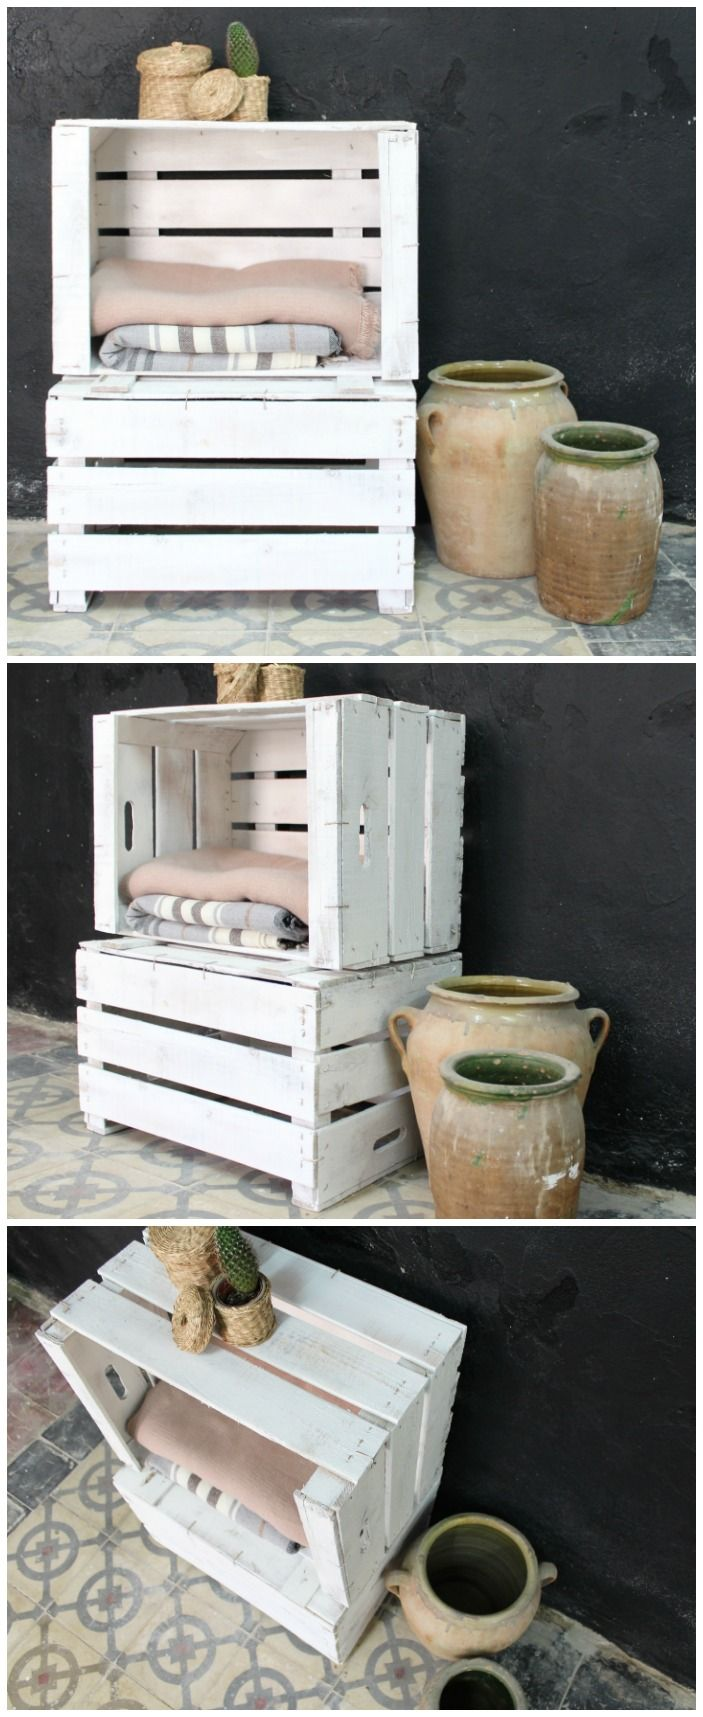 cajas de fruta caja de madera cajas de madera wood box caja